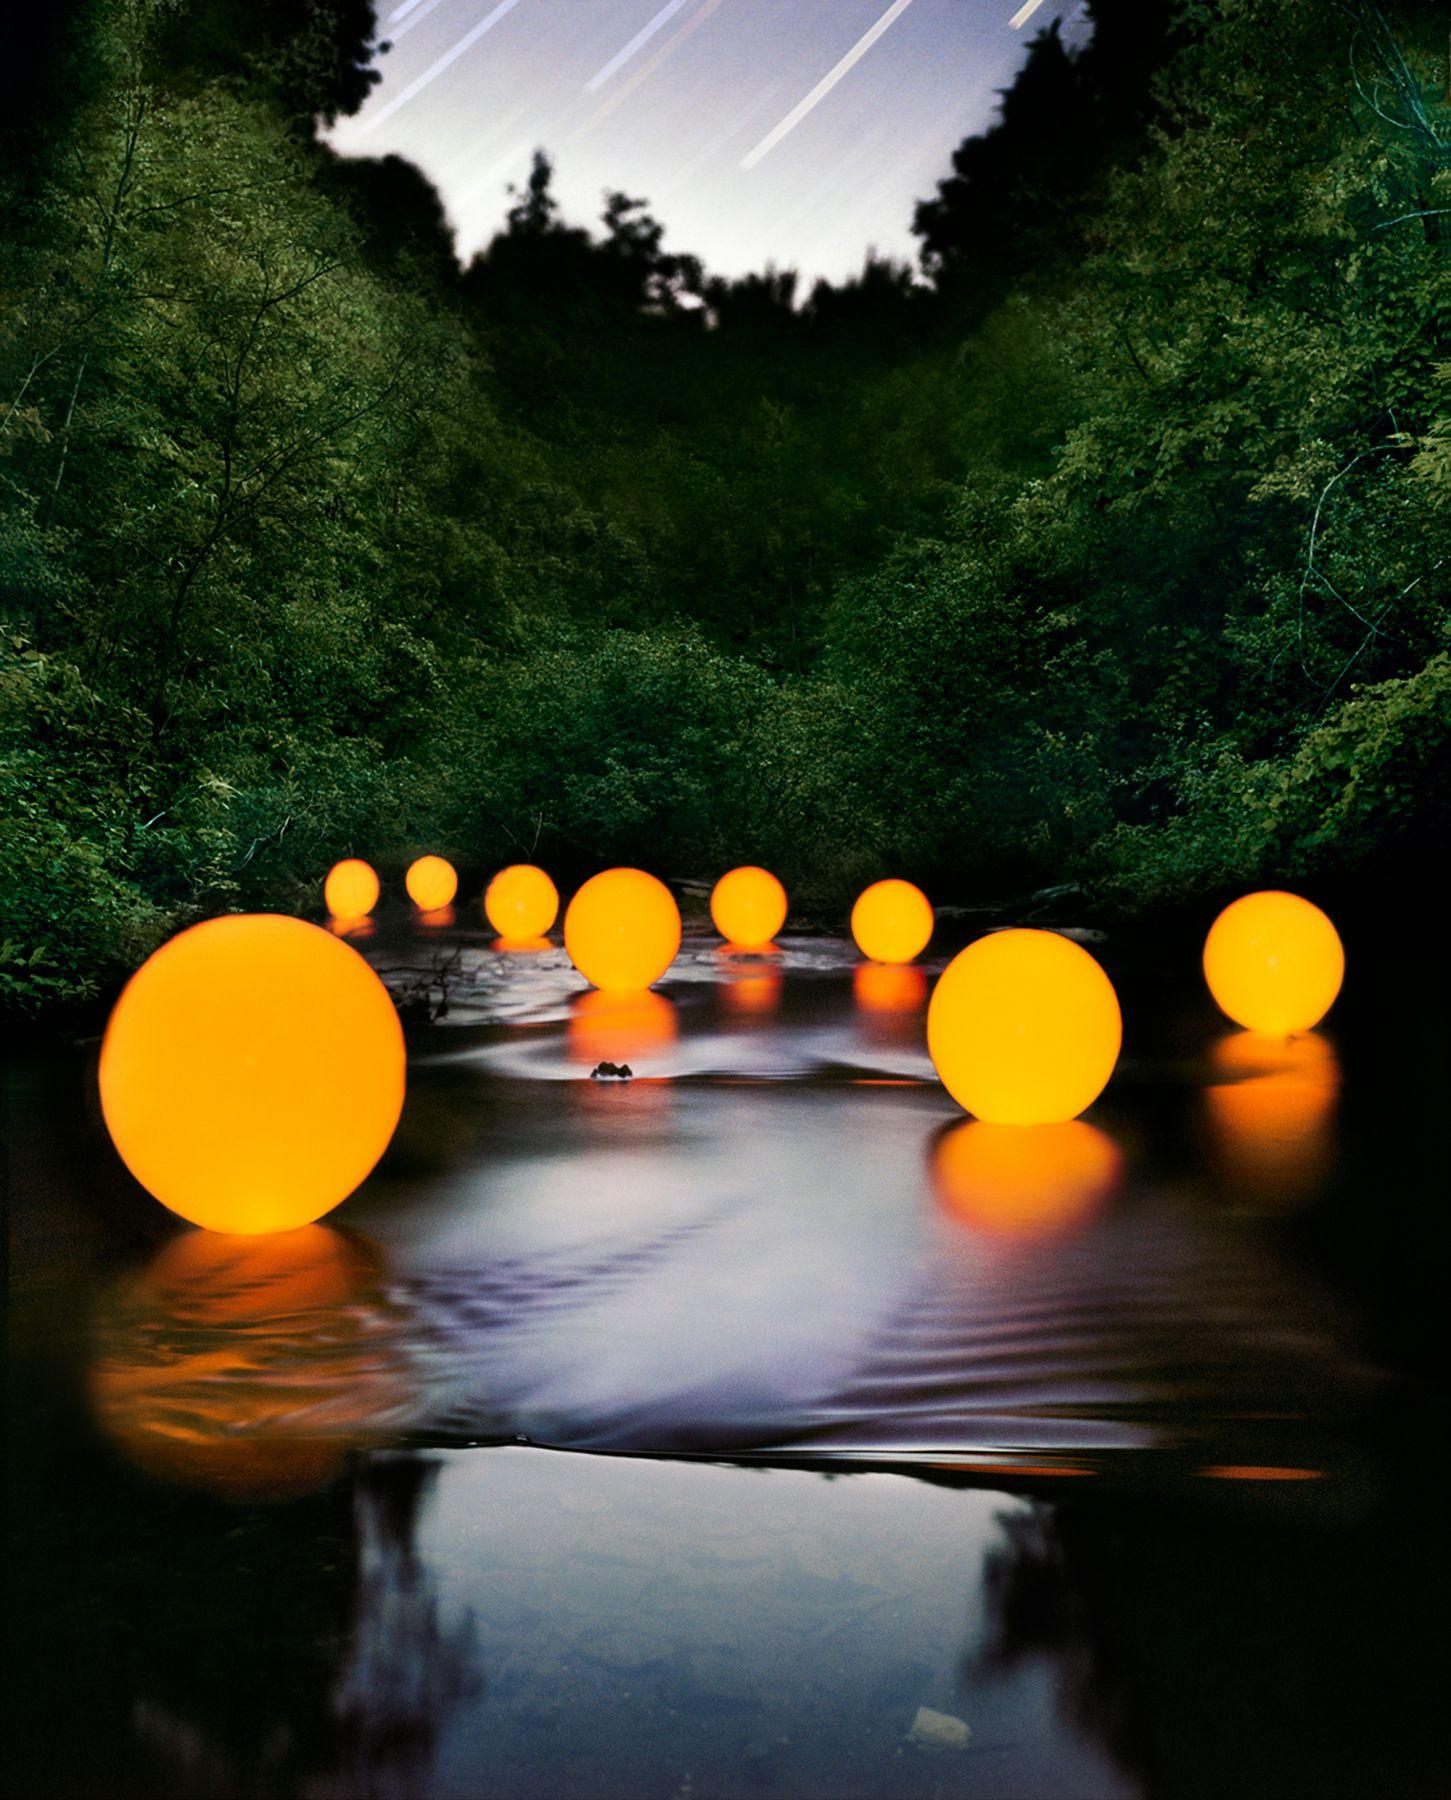 Barry Underwood, Scenes, Stream (Orange), 2009, Sous Les Etoiles Gallery